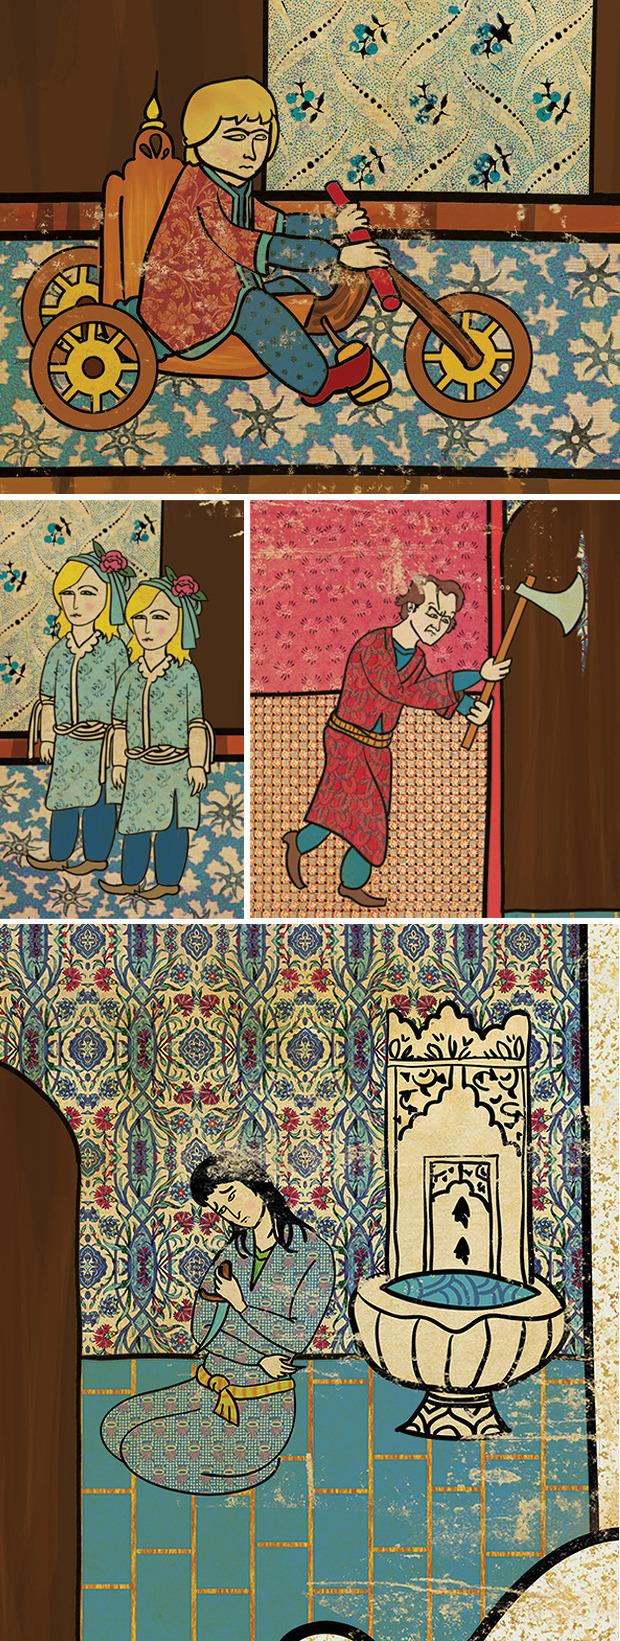 Фото №7 - Художник воссоздал культовые сцены из «Терминатора», «Чужого» и других фильмов в стиле восточных миниатюр